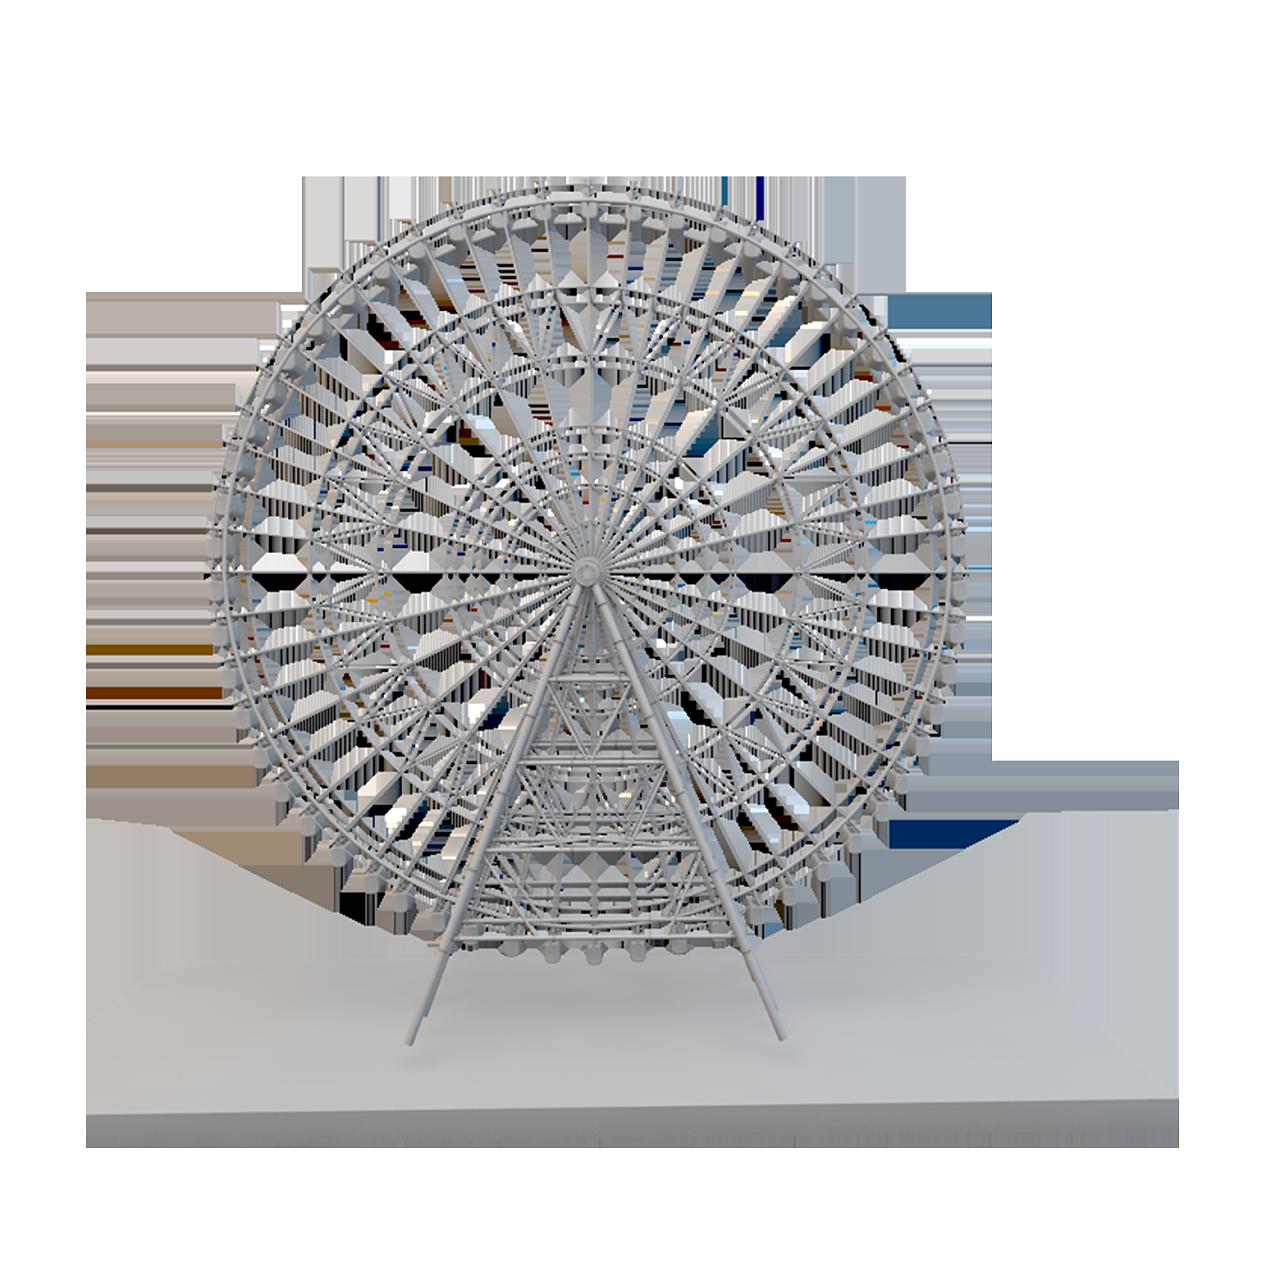 c4d打印3d结合设计开发苏州建筑文创产品(毕设)#答卷青春2017耐克设计者图片